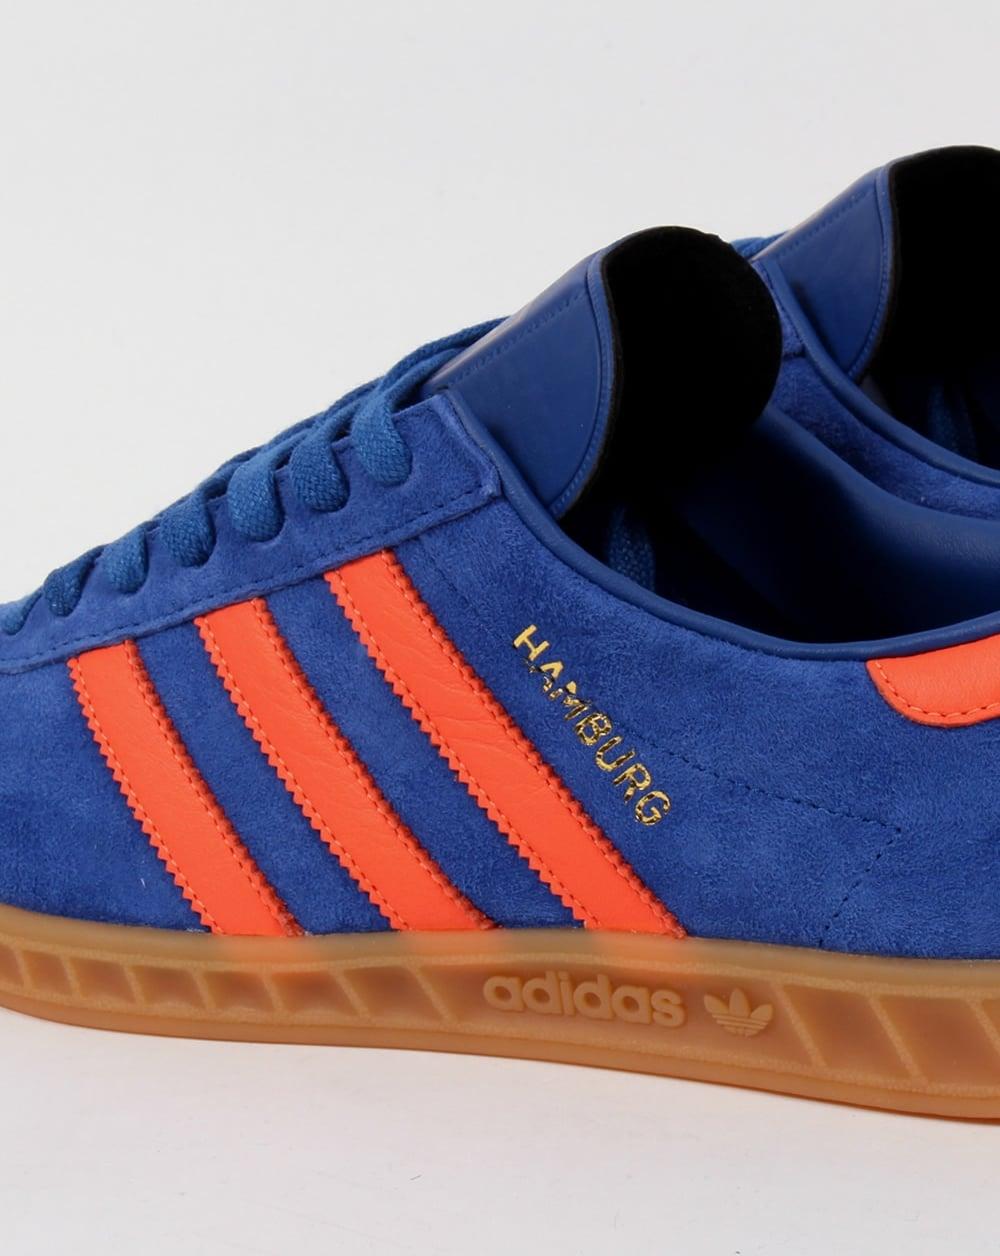 Adidas Originals Originals Top Ten Hi High Top Sneaker In: Adidas Trainers Adidas Originals Hamburg Trainers Royal